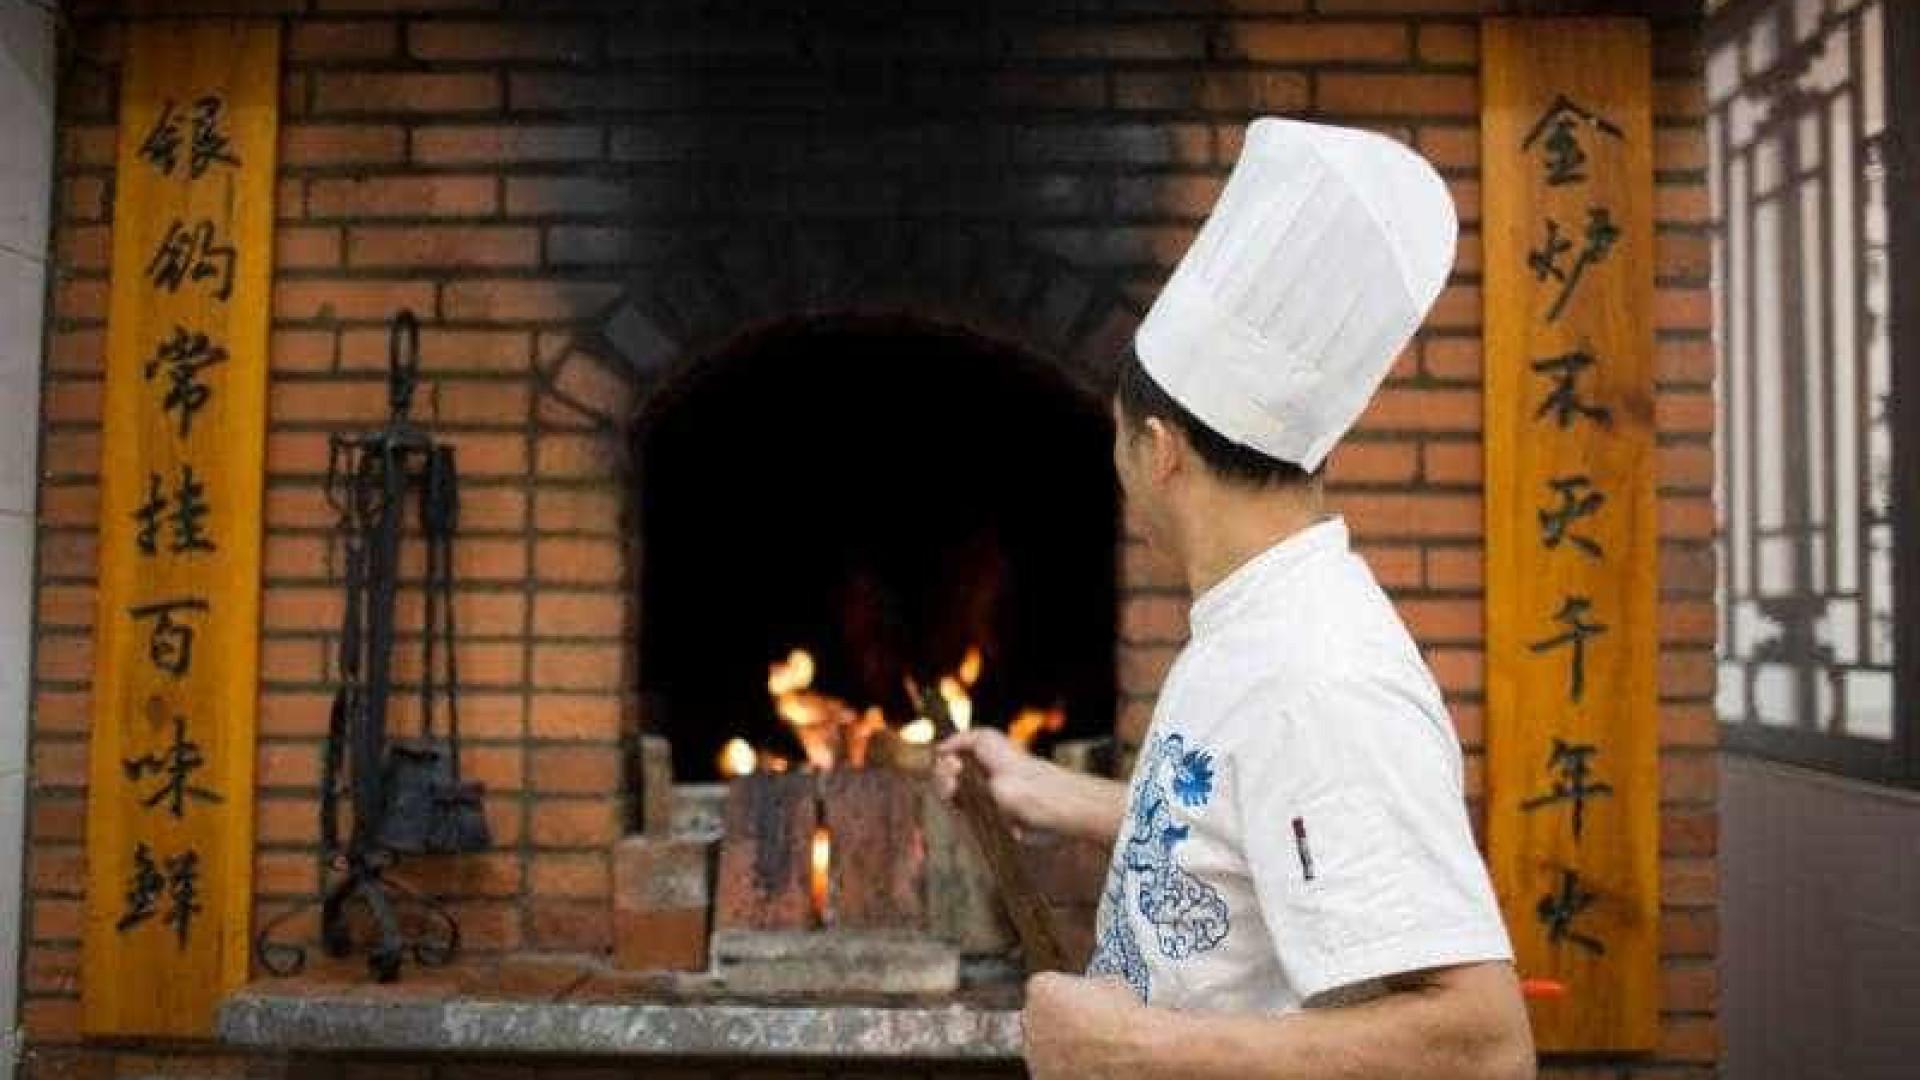 No Quanjude a comida chinesa é cozinhada em forno de tijolo